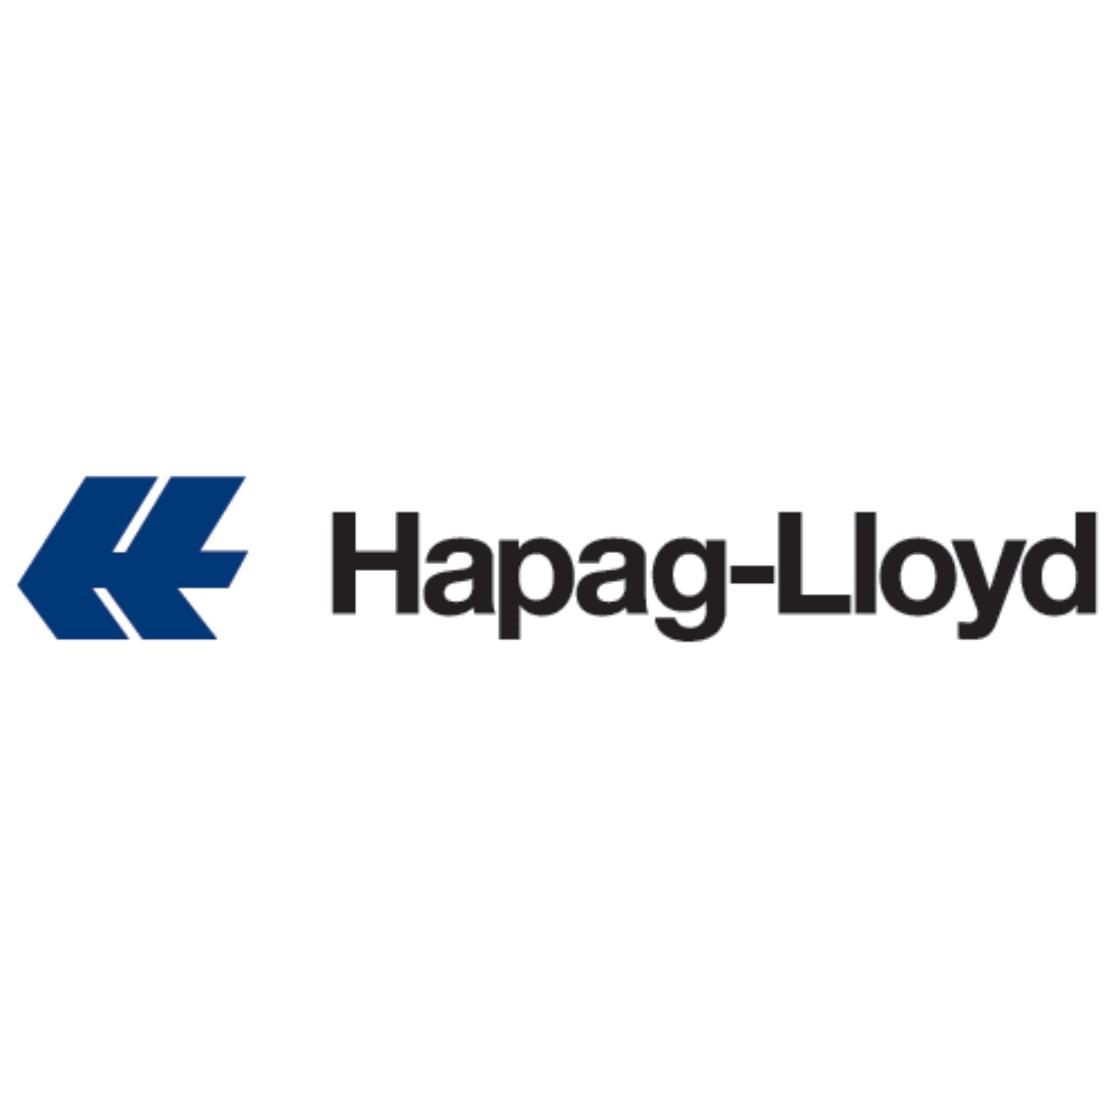 Hapag-Llyod